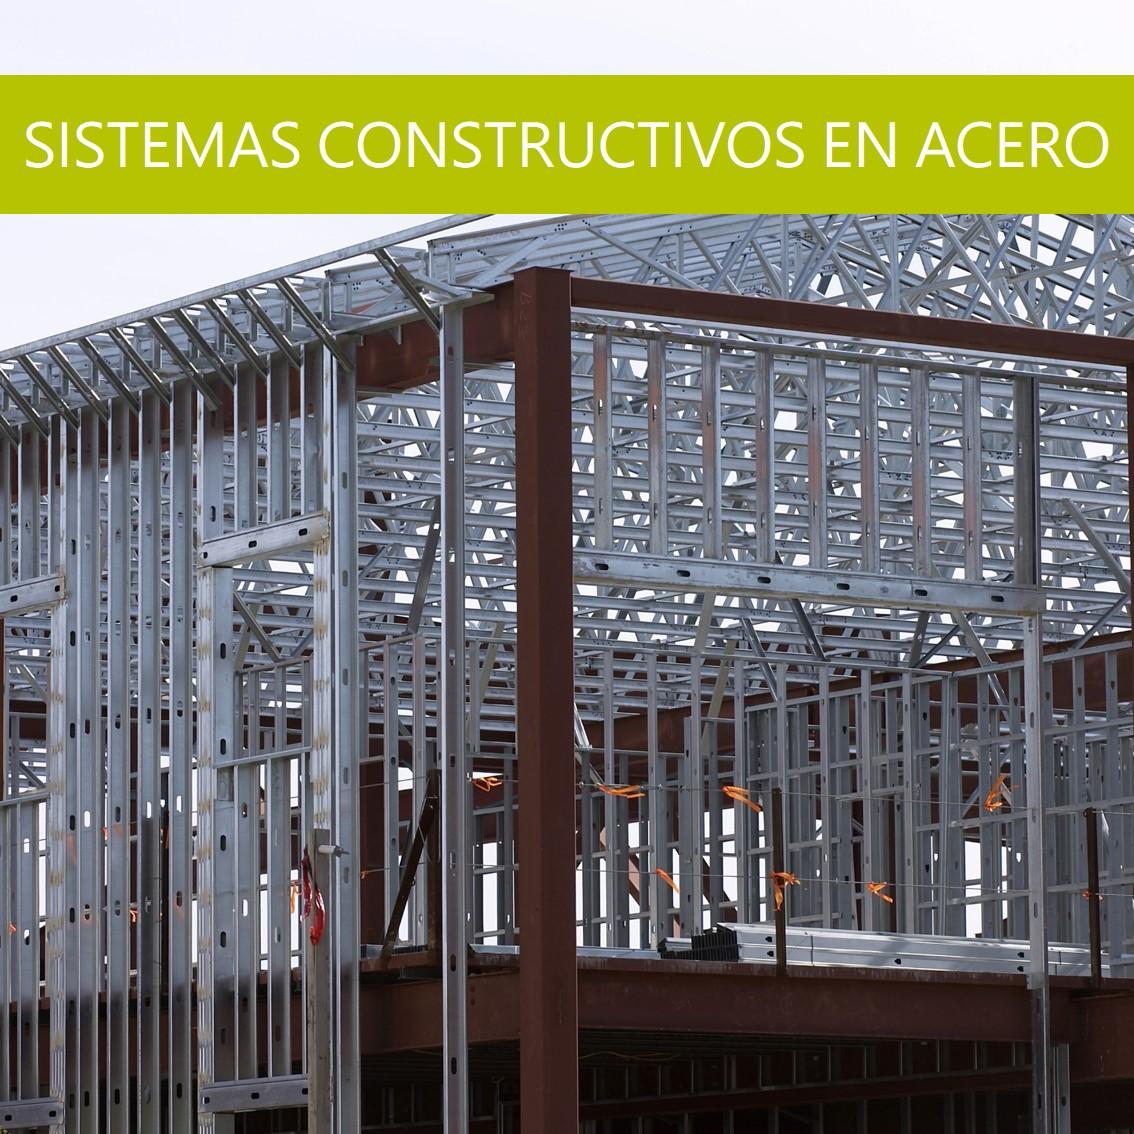 SISTEMAS CONSTRUCTIVOS EN ACERO: El nuevo BOOM para remodelar